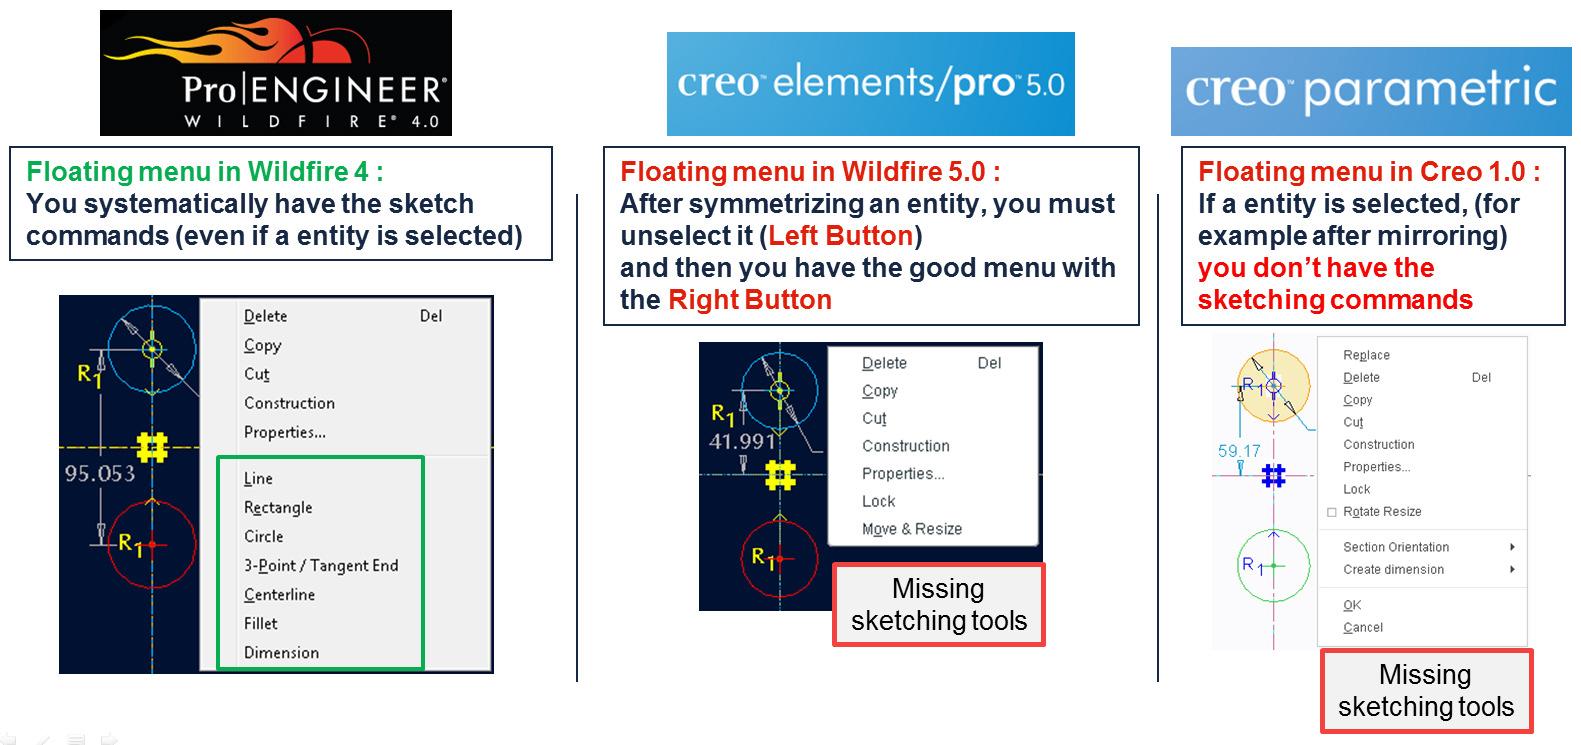 Sketch floating menu sketching tools.jpg